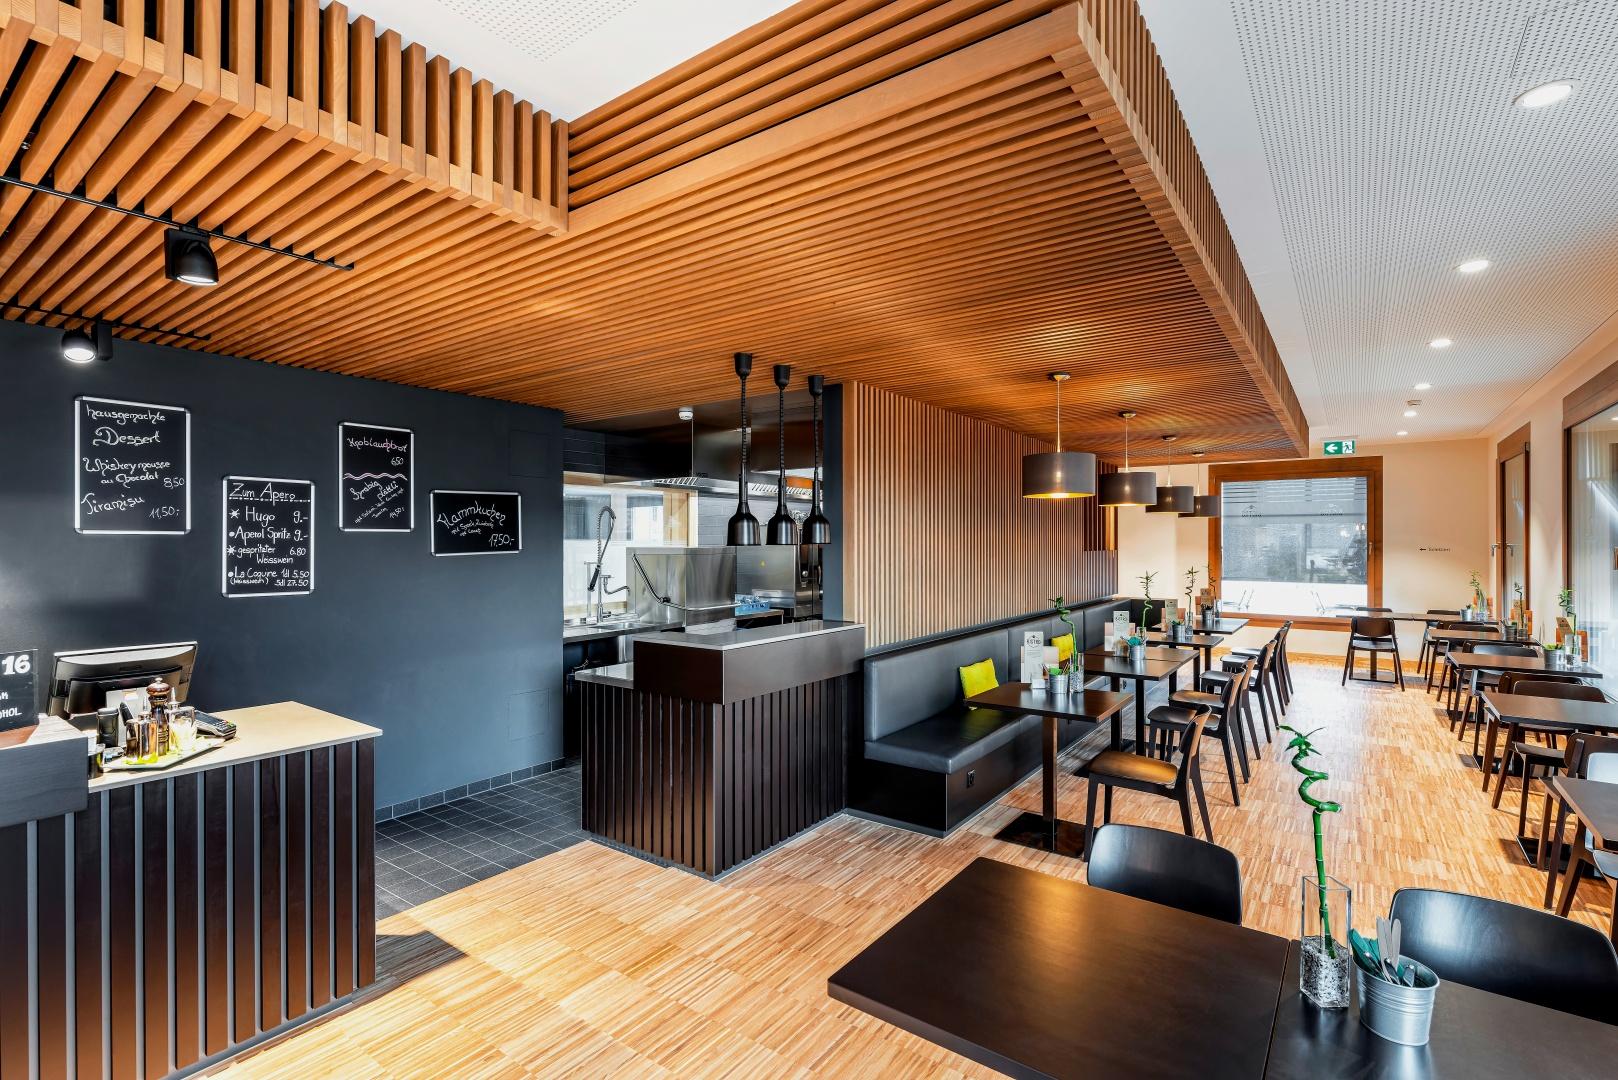 Zum Grundkonzept des Zentrum Chileweg gehört ebenso ein Café-Bistro  (im Bild), eine Bäckerei- Filiale und ein Dorfladen. © Bruno Meier, Sursee